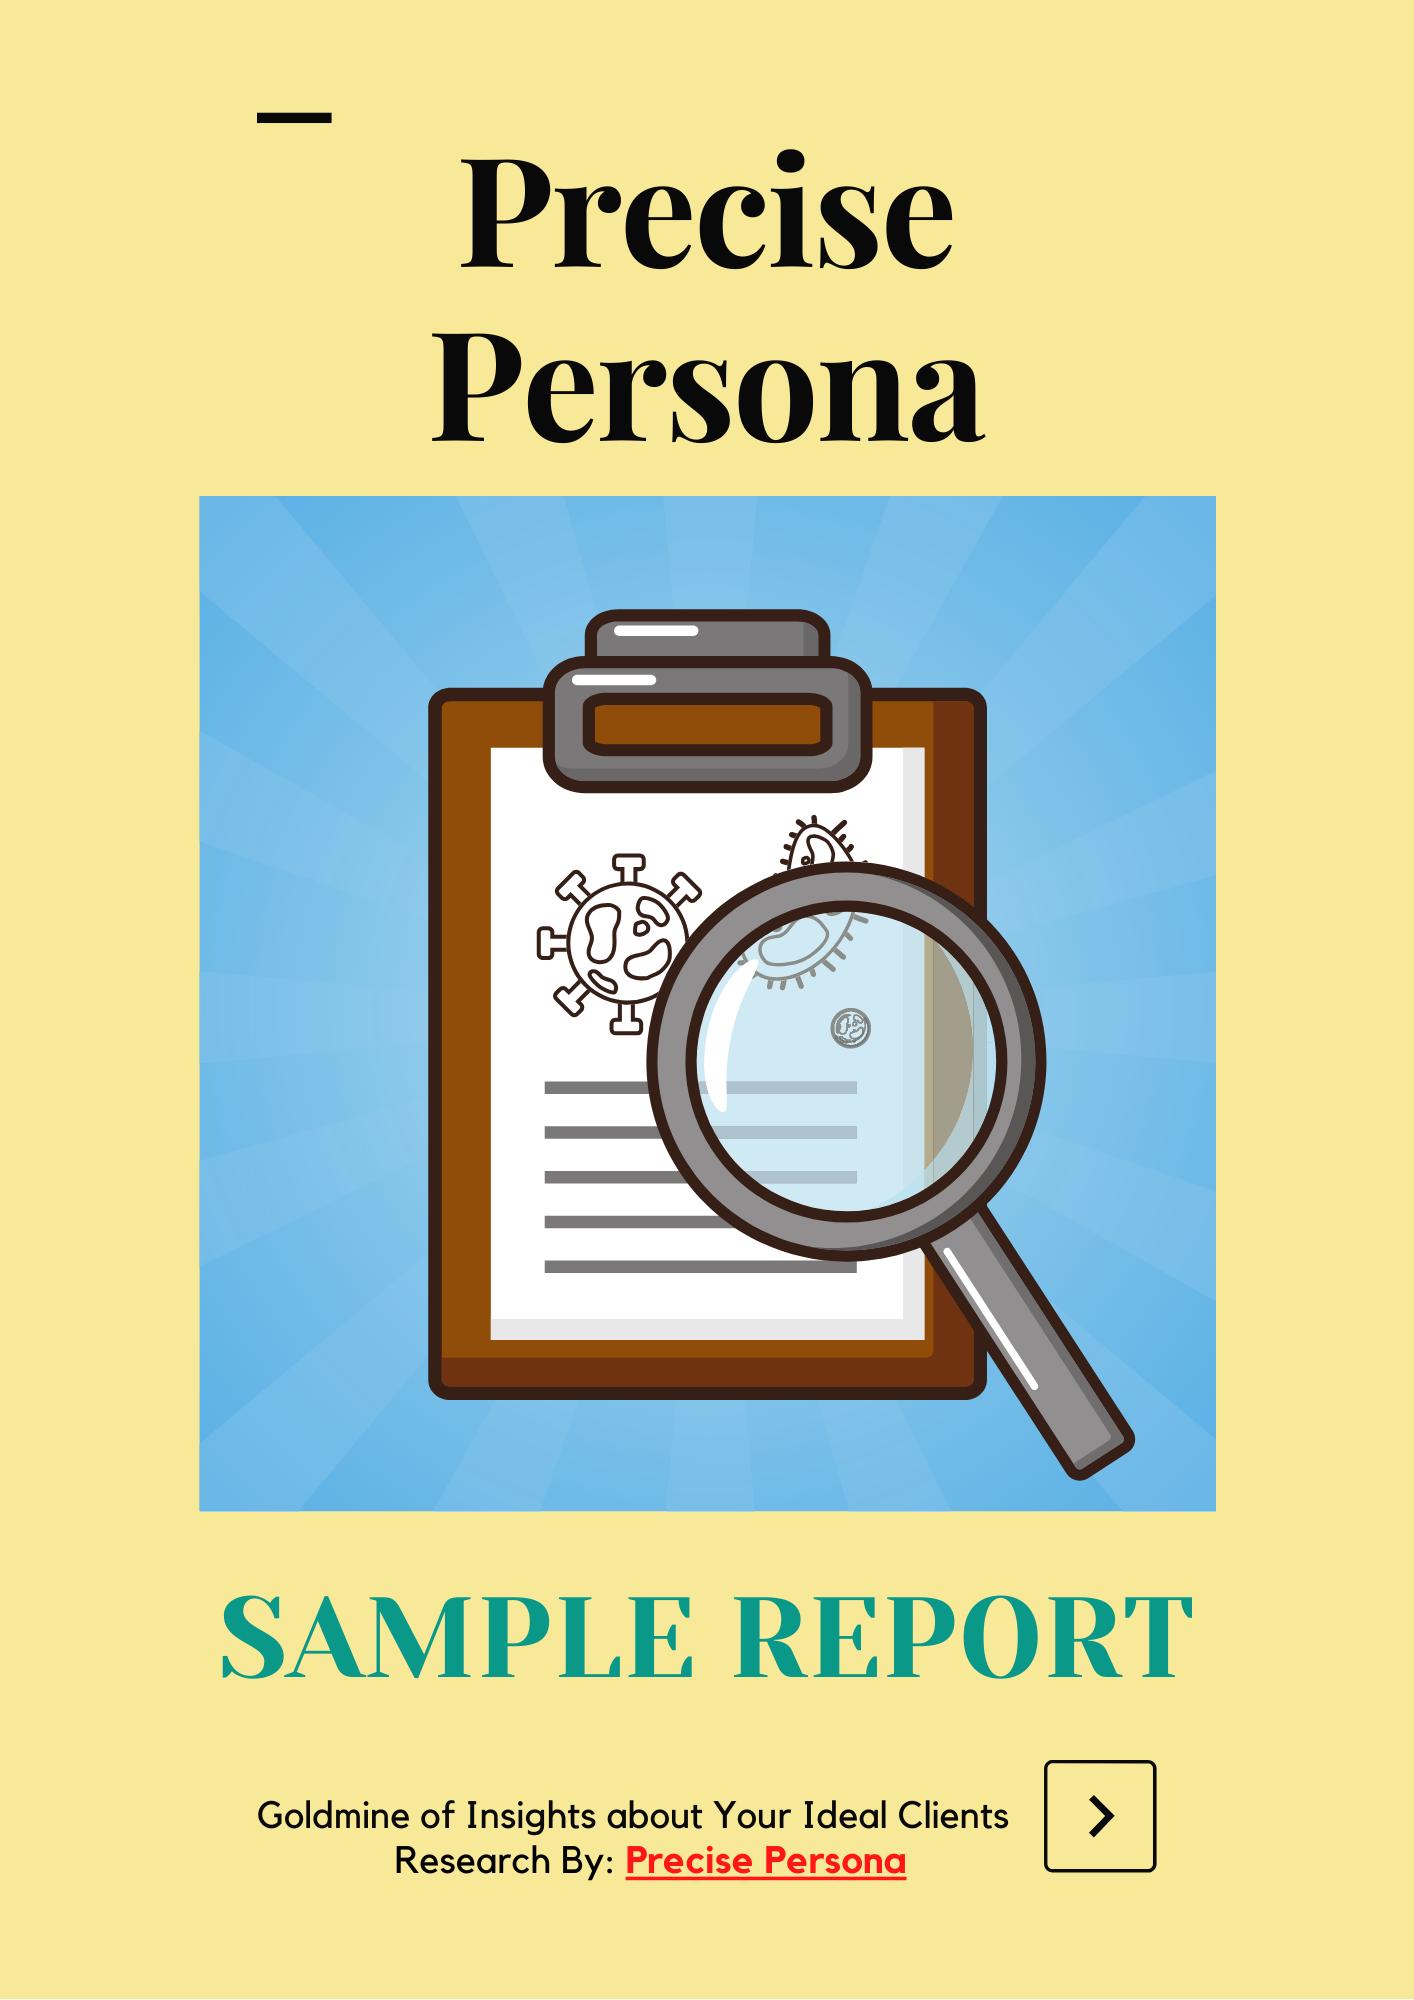 SAMPLE REPORT PRECISE PERSONA